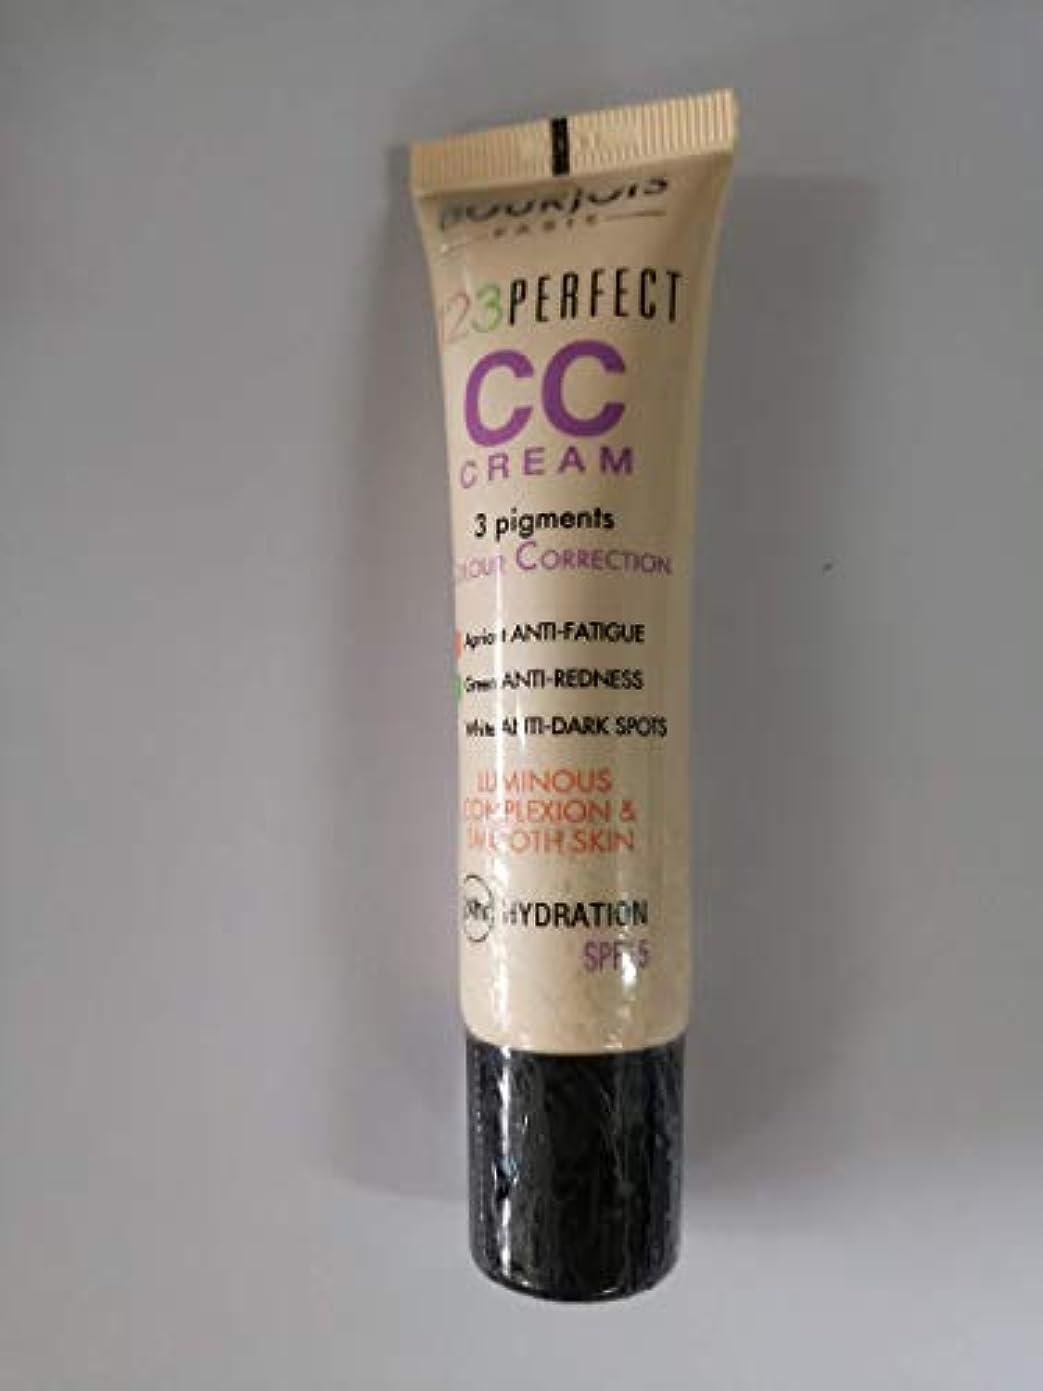 フレッシュエンジン変化BOURJOIS 32クレア1PC CCクリームクリームクリーム表皮効果: - 24時間の水和